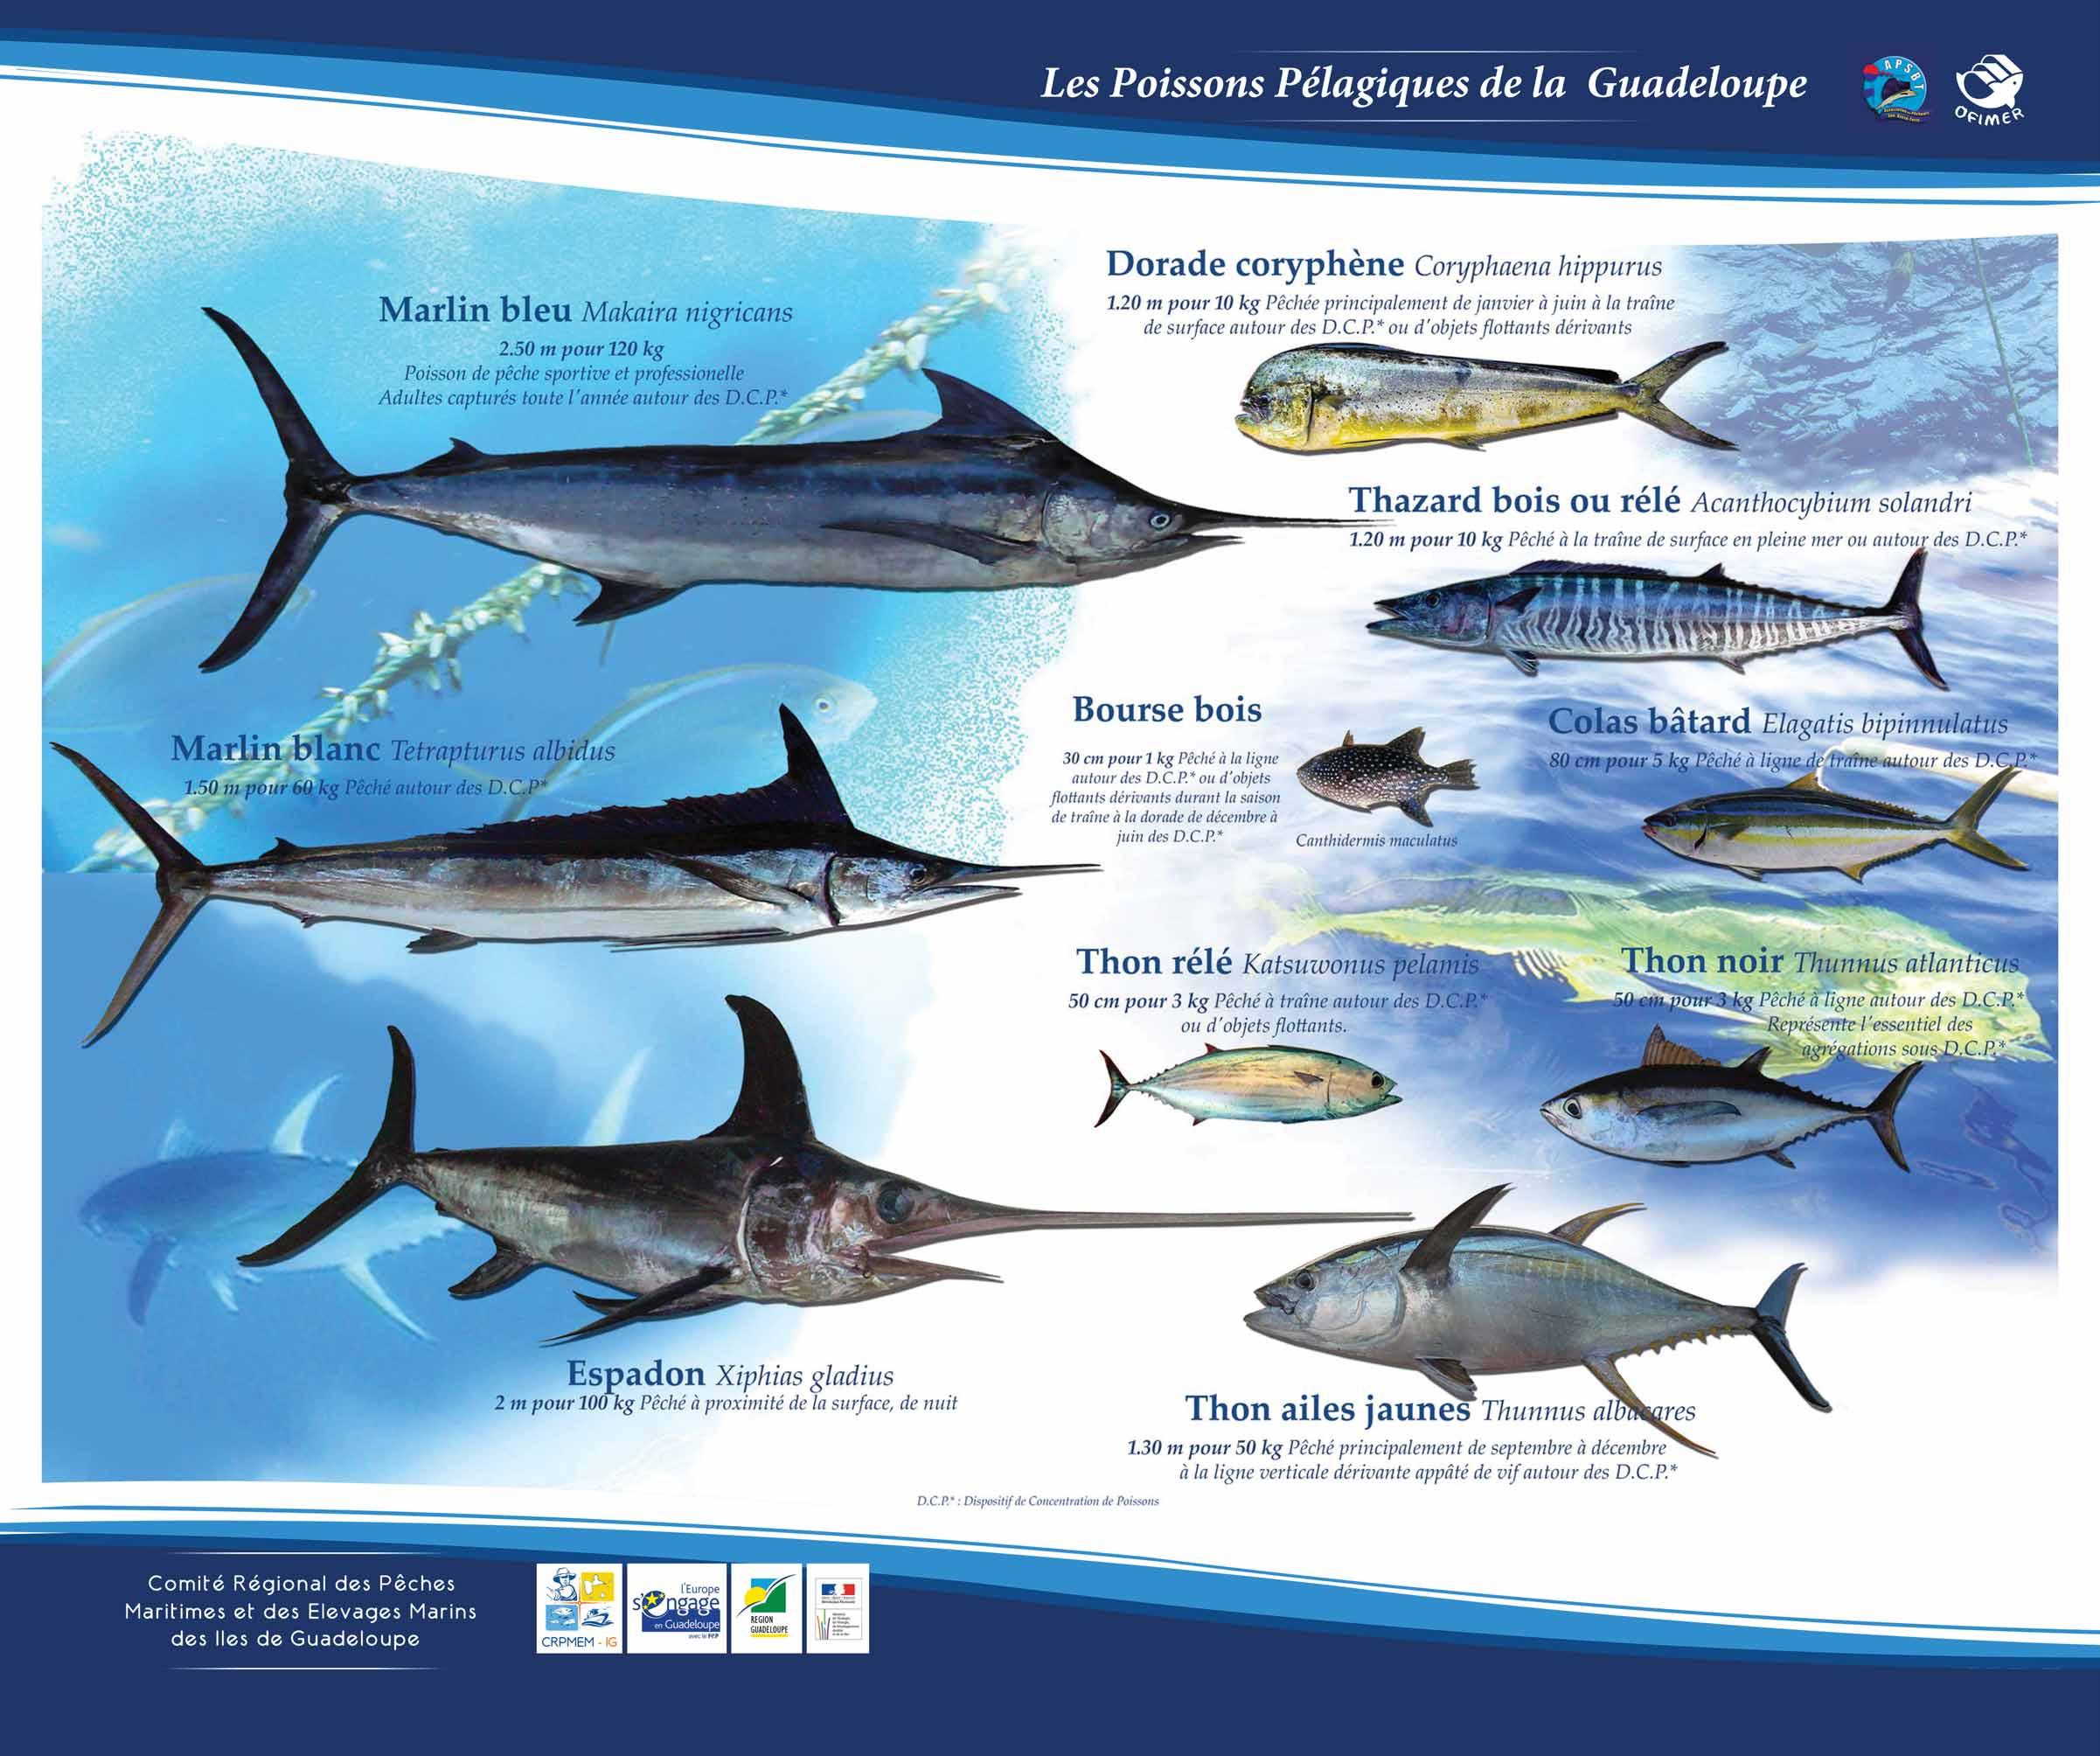 Télécharger le poster des poissons pélagiques principaux consommés en Guadeloupe